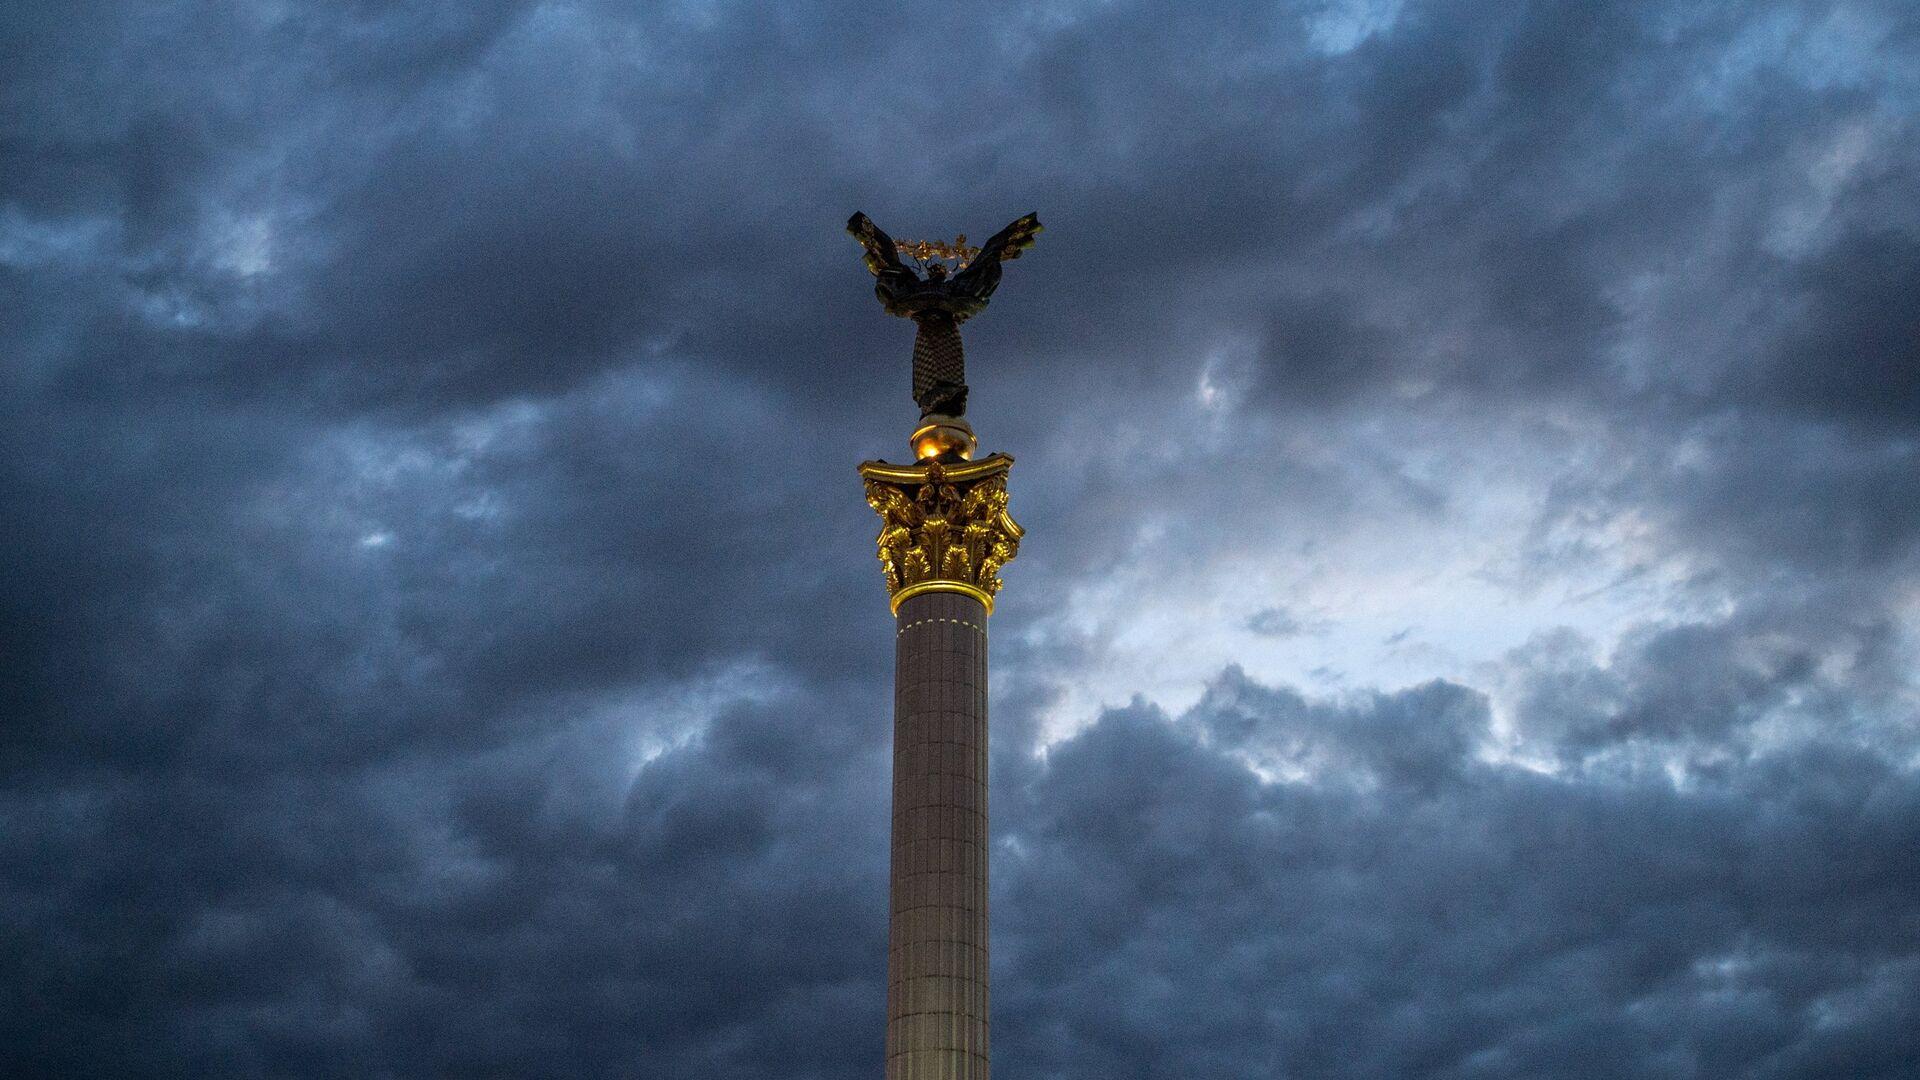 Монумент Независимости Украины в Киеве - РИА Новости, 1920, 13.07.2021